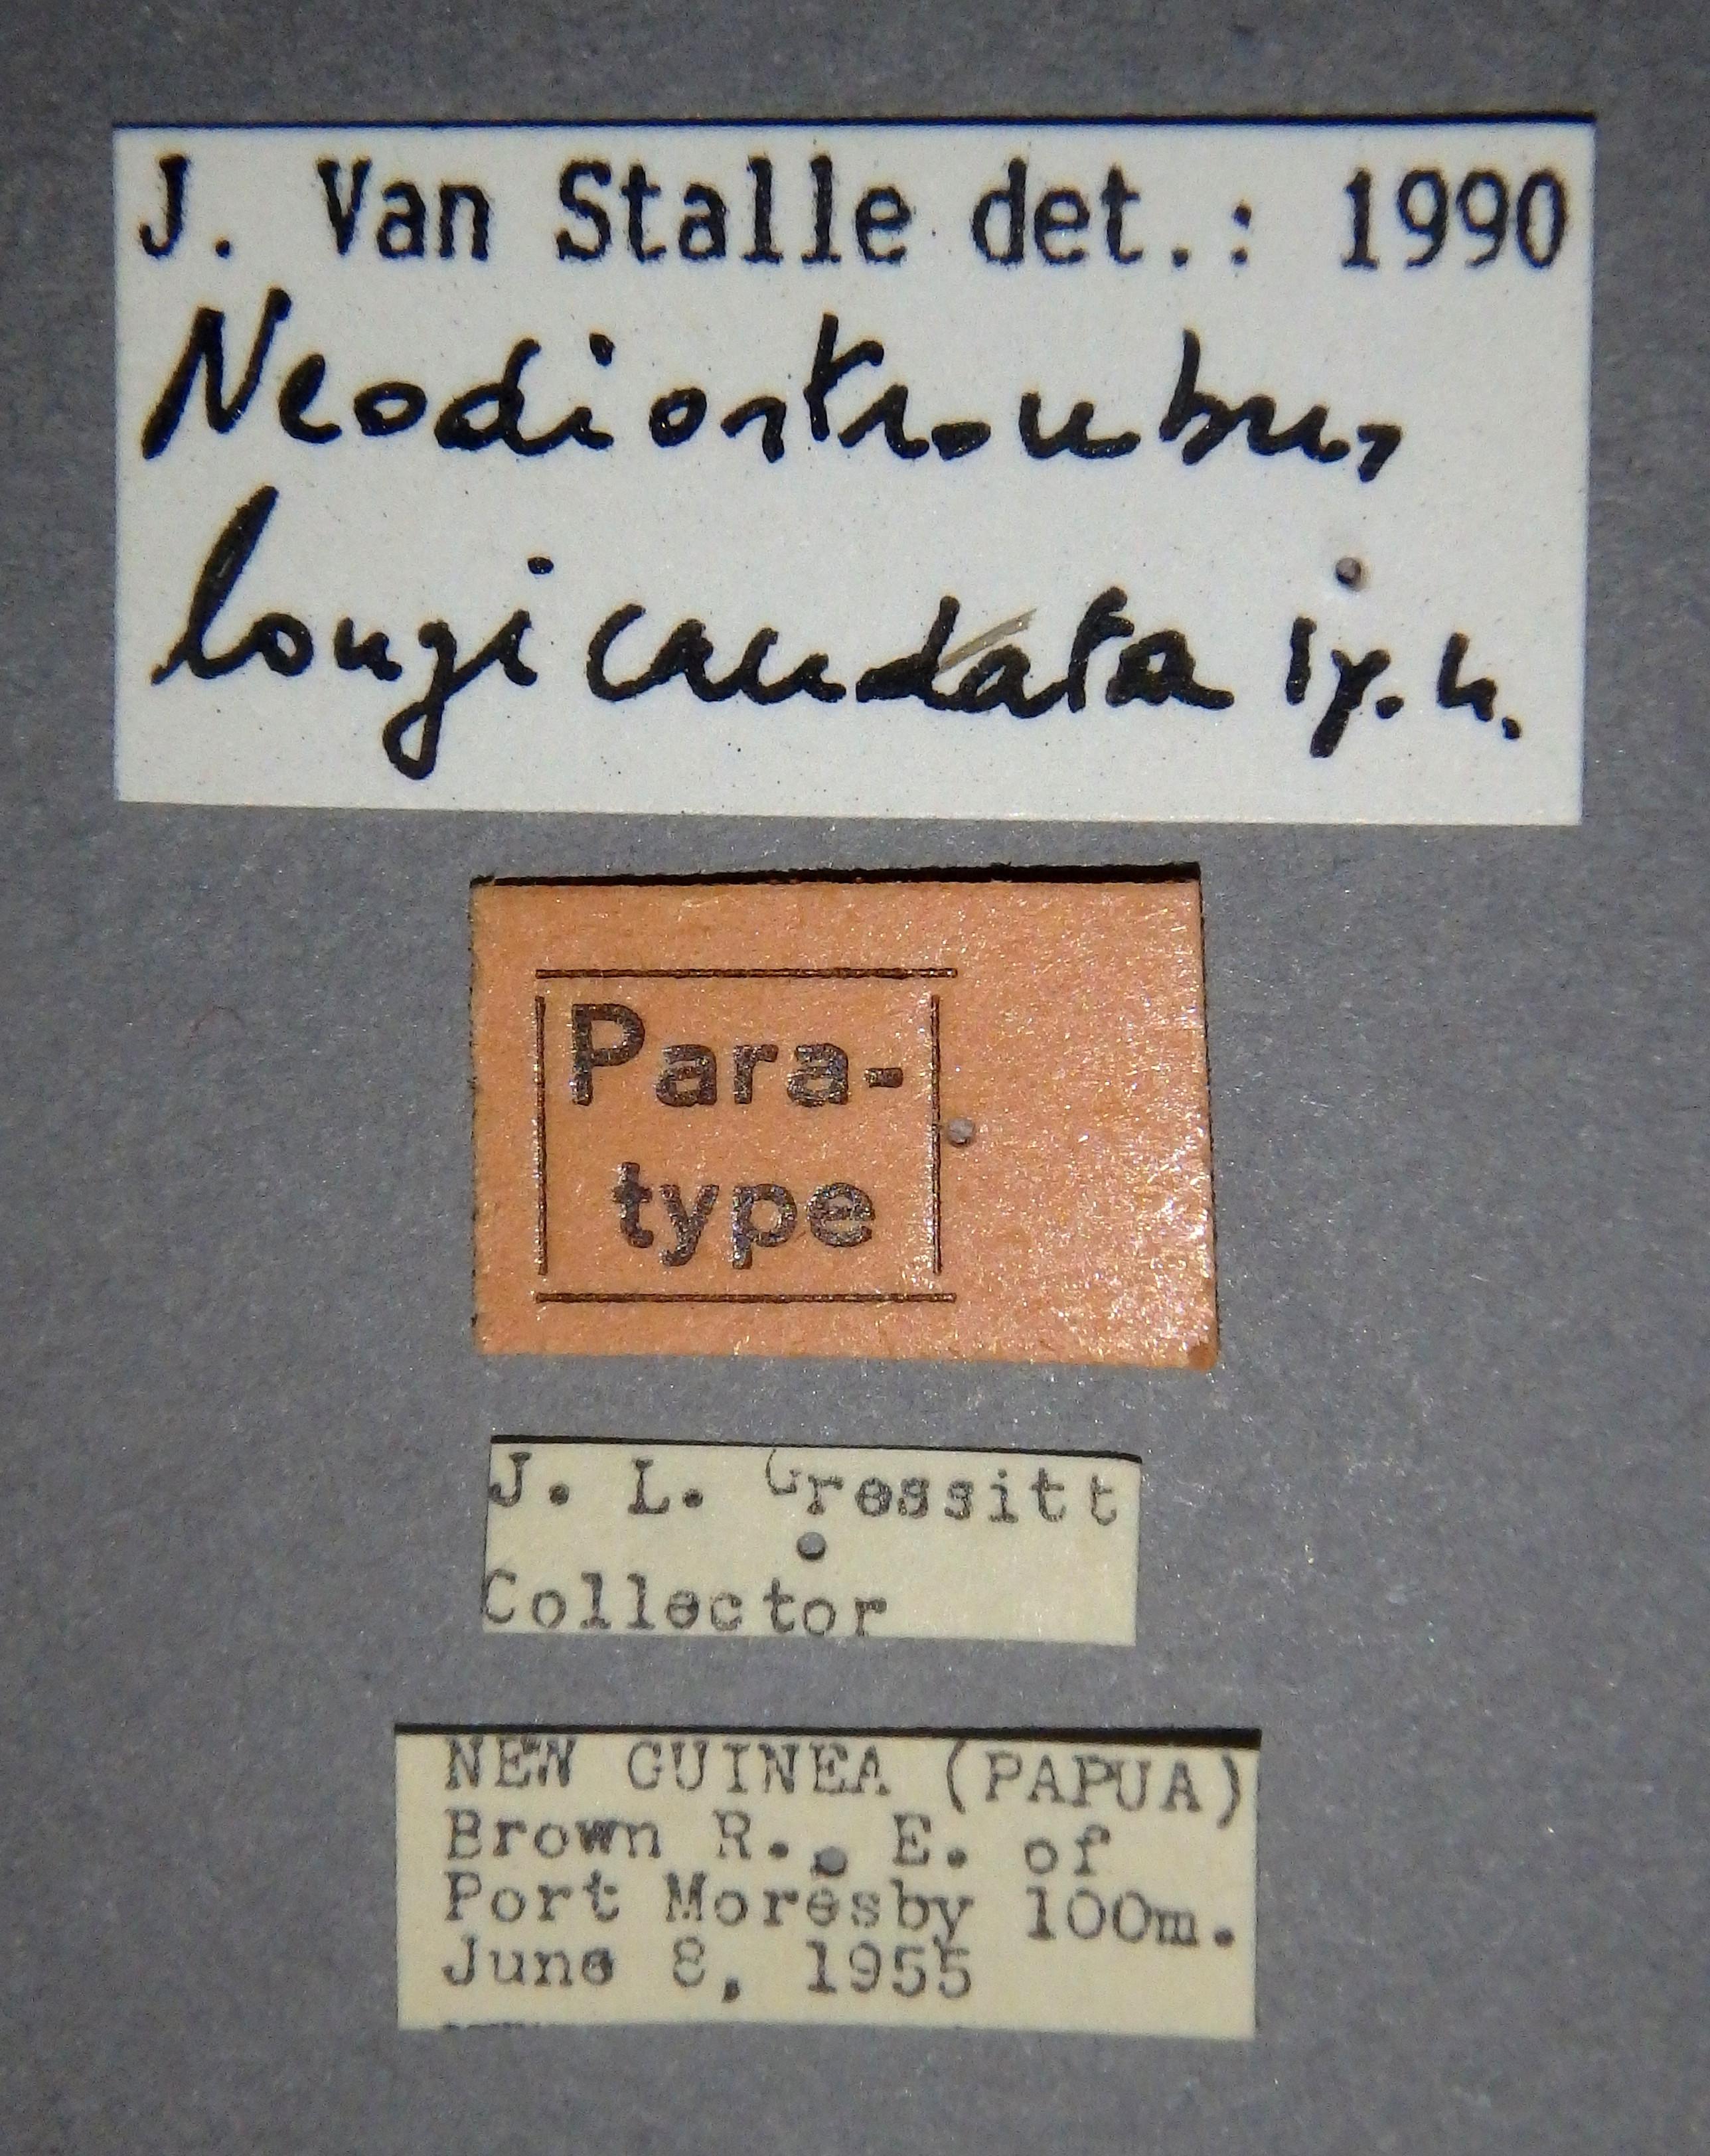 Neodiostrombus longicaudata pt Lb.JPG